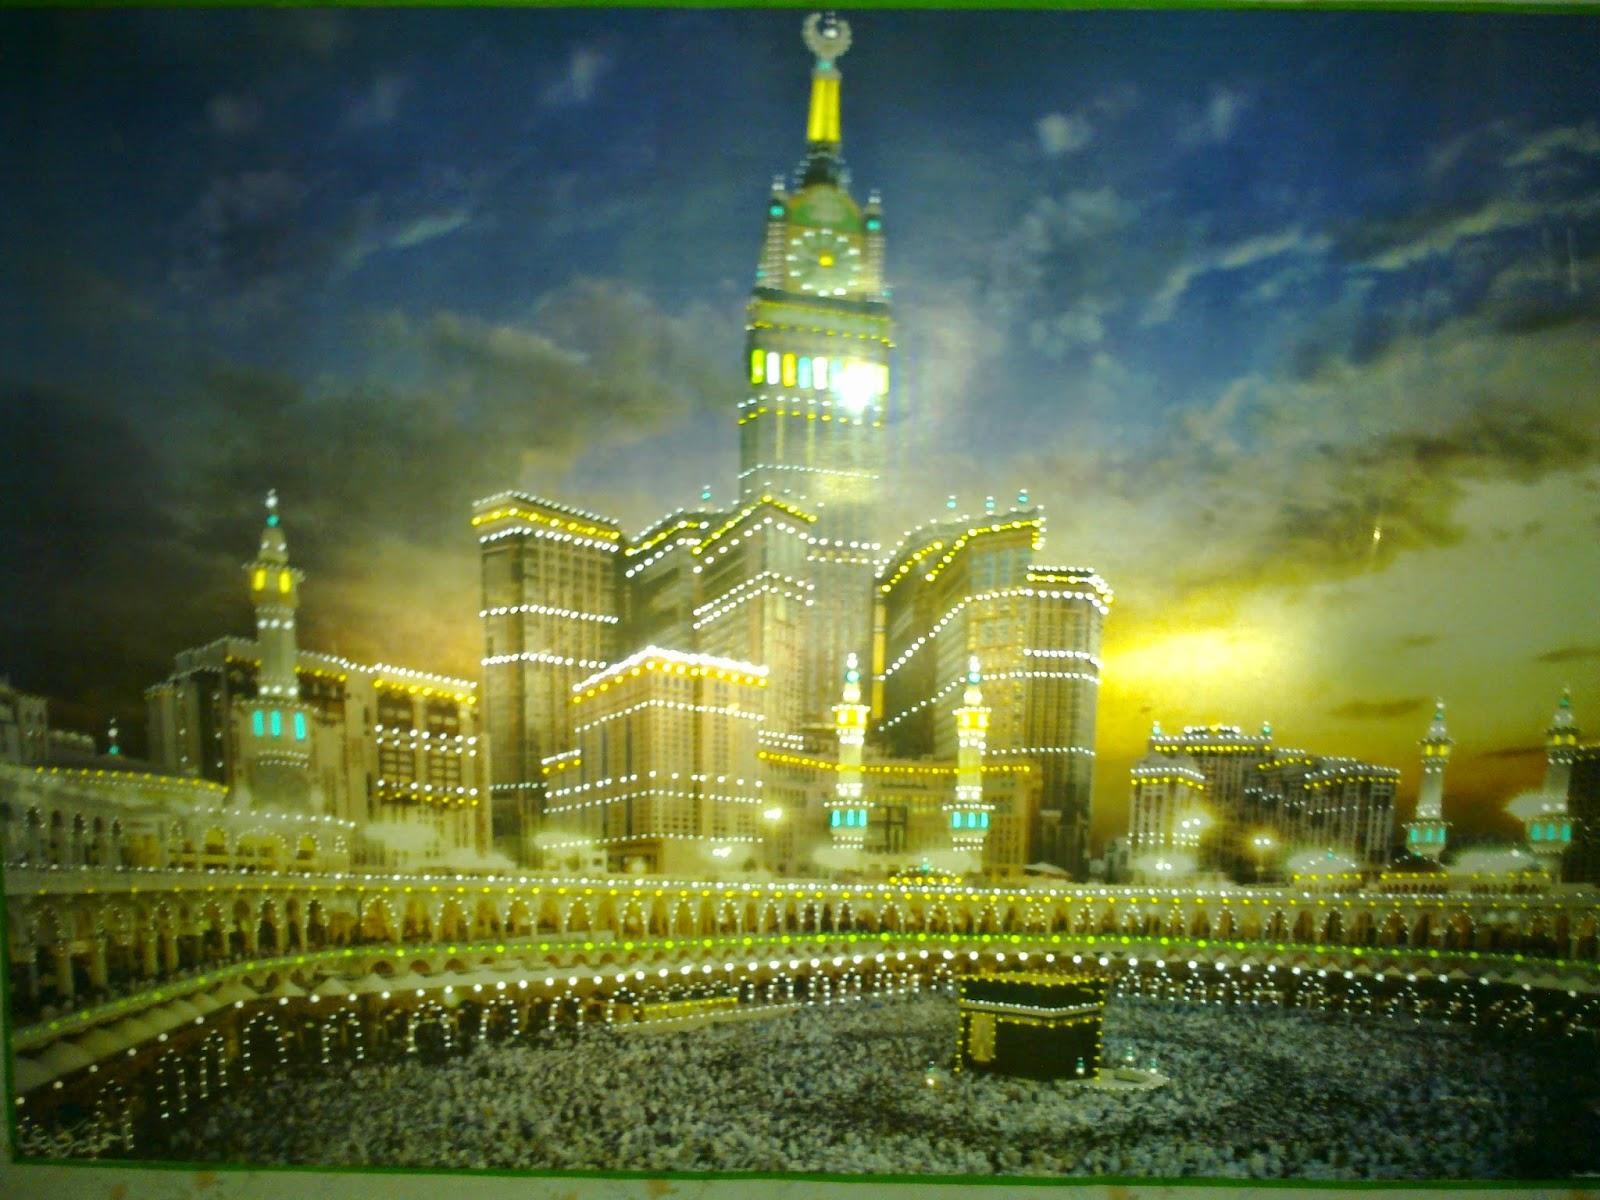 Gambar  10 Mewarnai  Gambar  Islami Pemandangan  Kartun Masjid